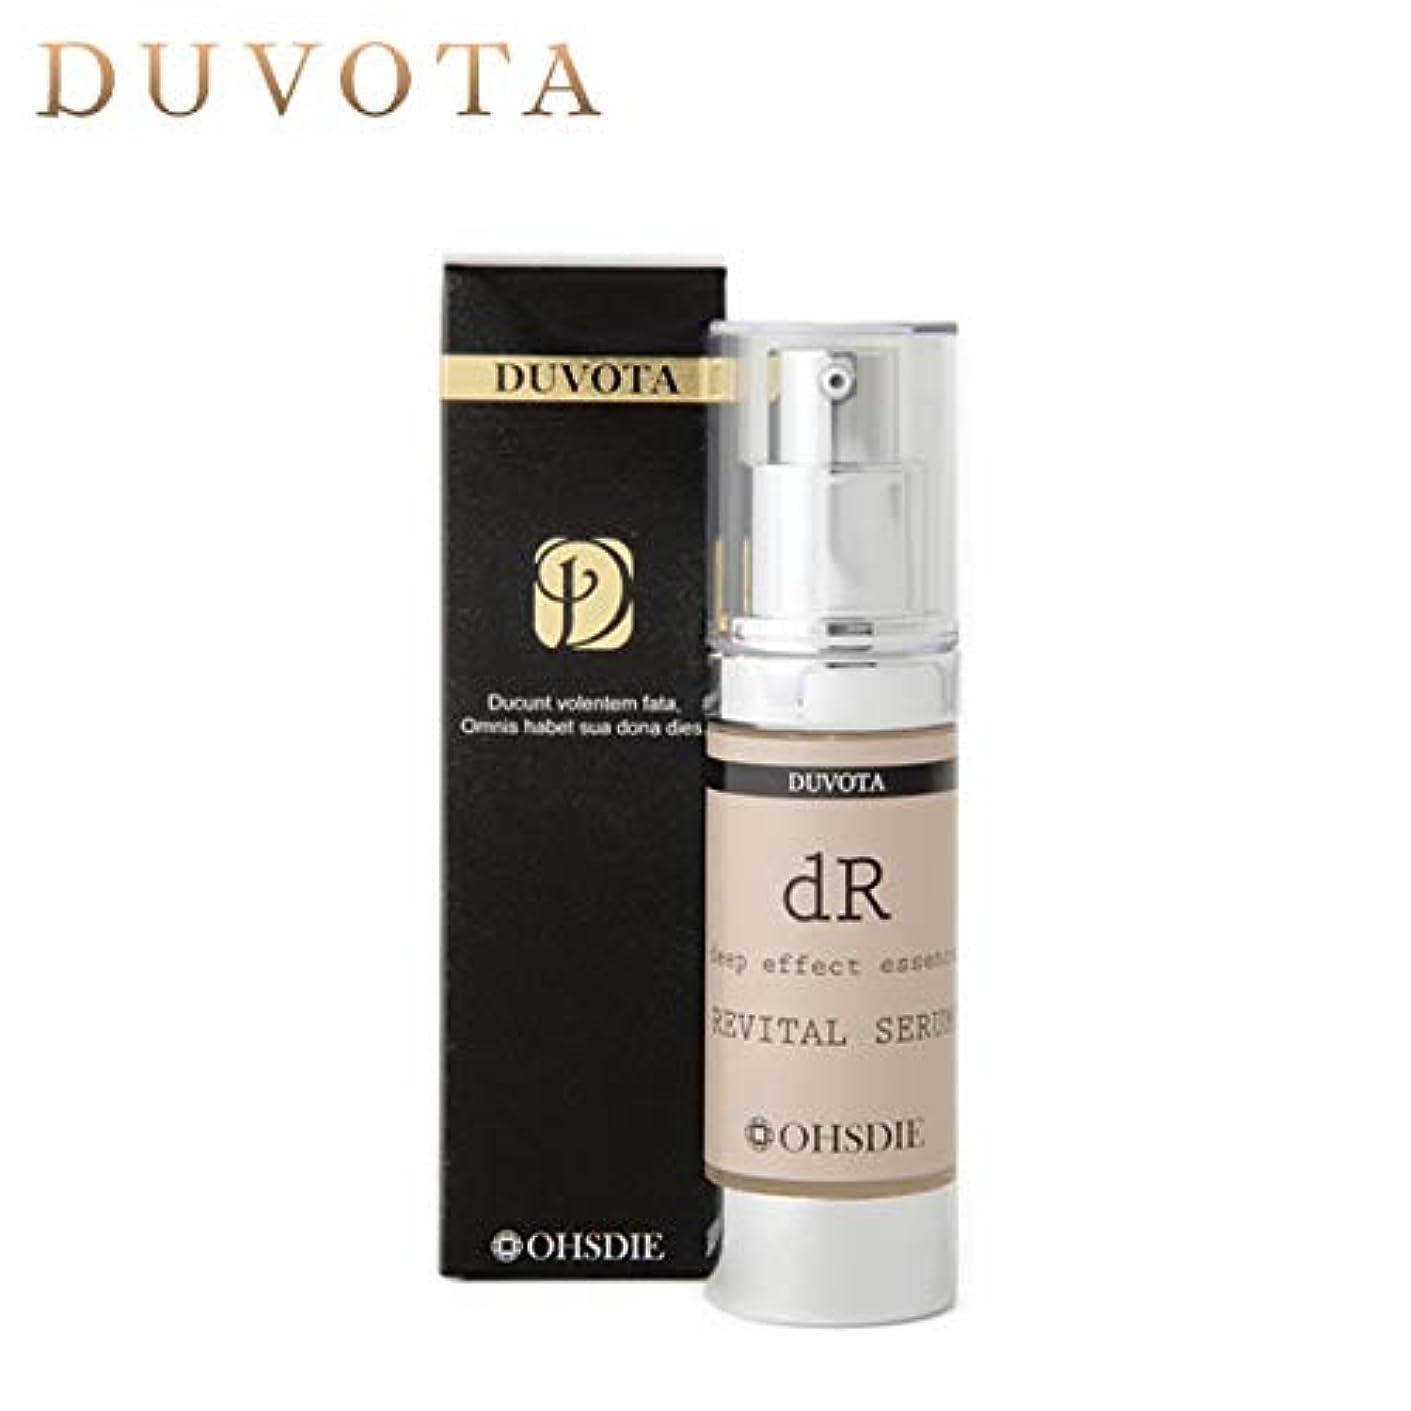 監督する感染する意見EGF 幹細胞 美容液 DUVOTA(ドゥボータ)ディープエフェクトエッセンスDリバイタルセラム 30ml / 馬プラセンタ ナールスゲン エレクトロポーション導入 エクラフレーズ 美顔器 リフトアップ 敏感肌 おすすめ